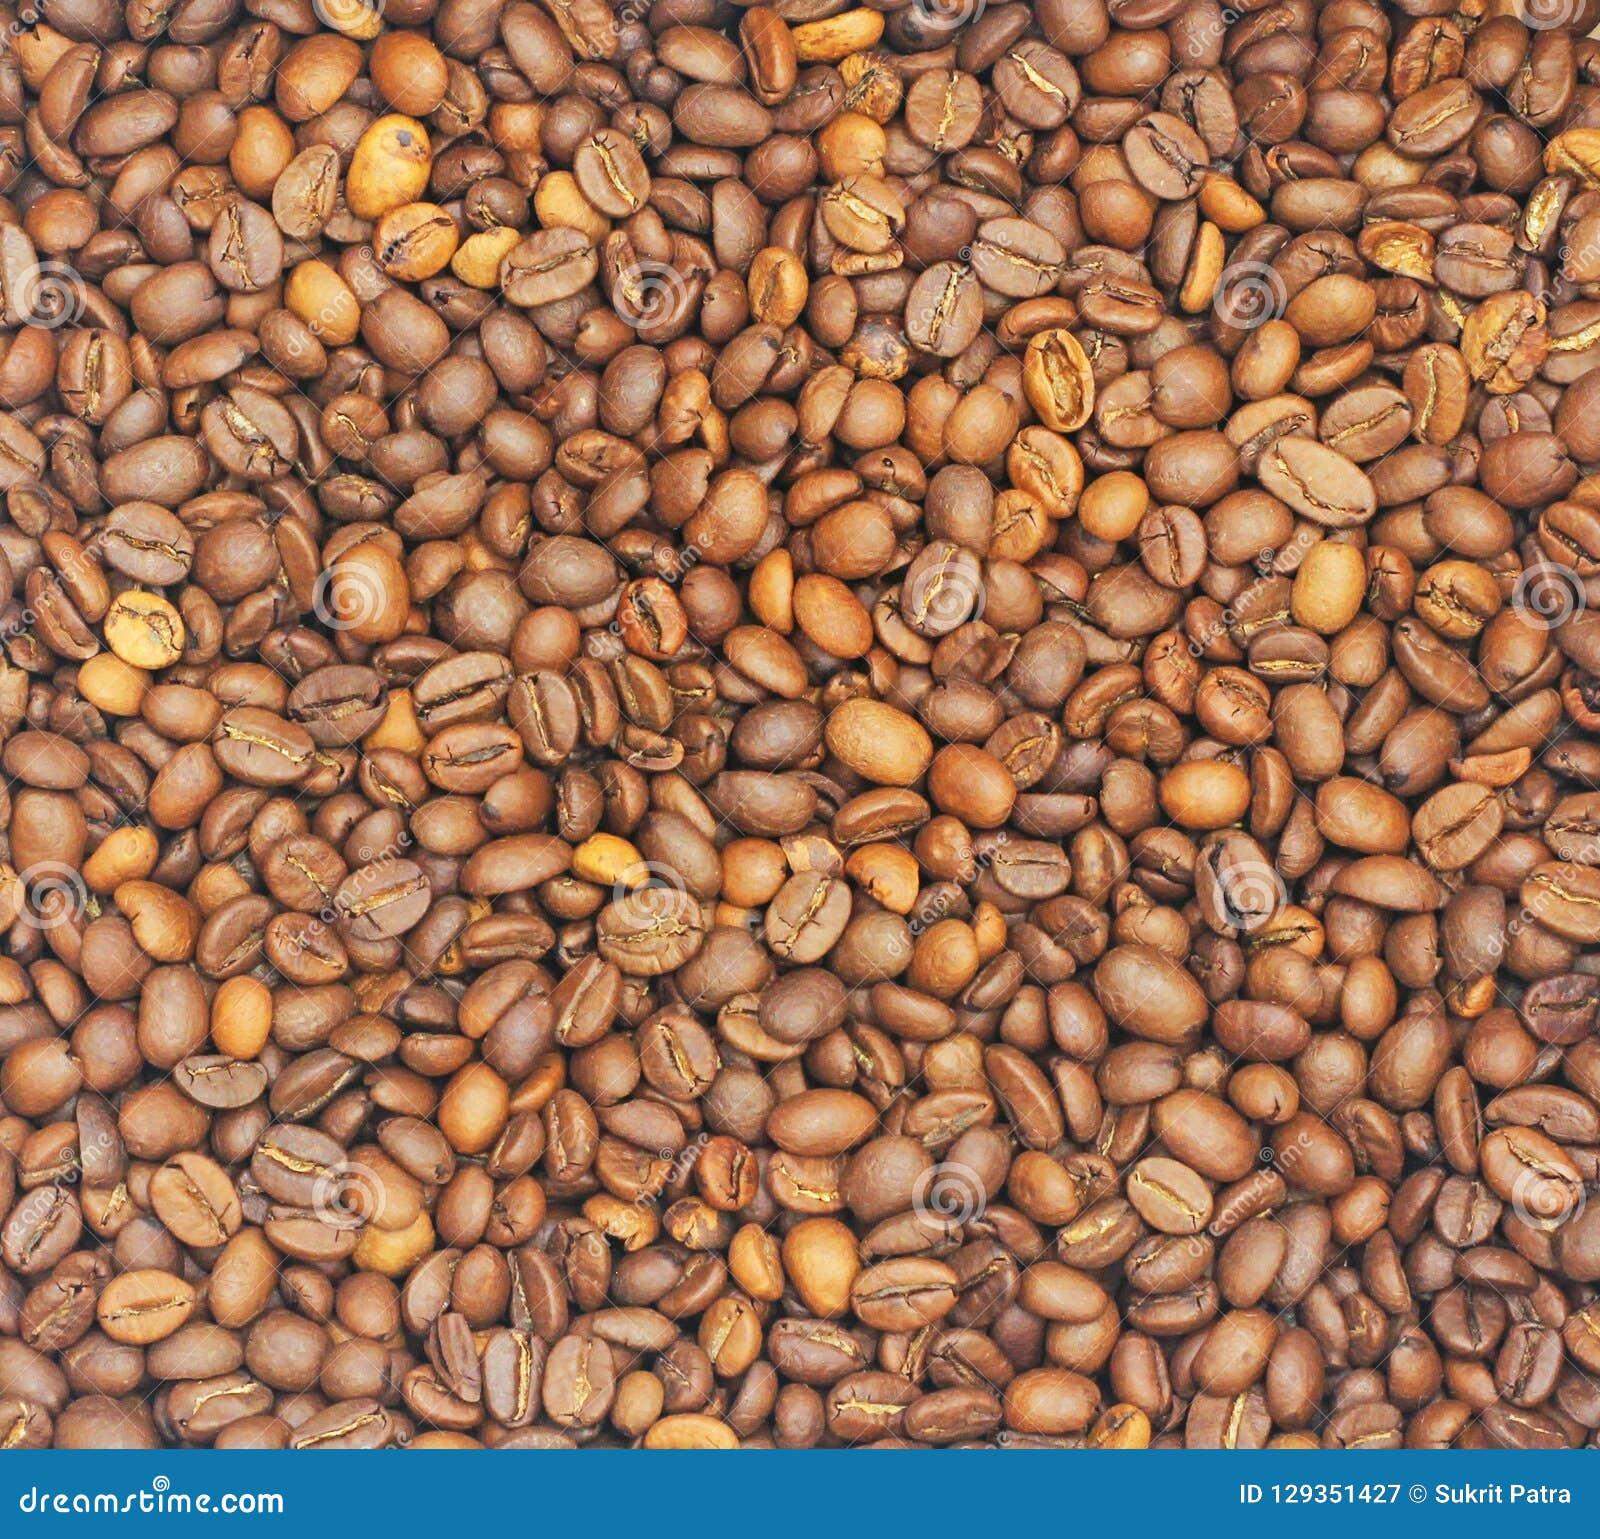 De achtergronden Vele koffiebonen zijn bruin en hebben een prettig aroma